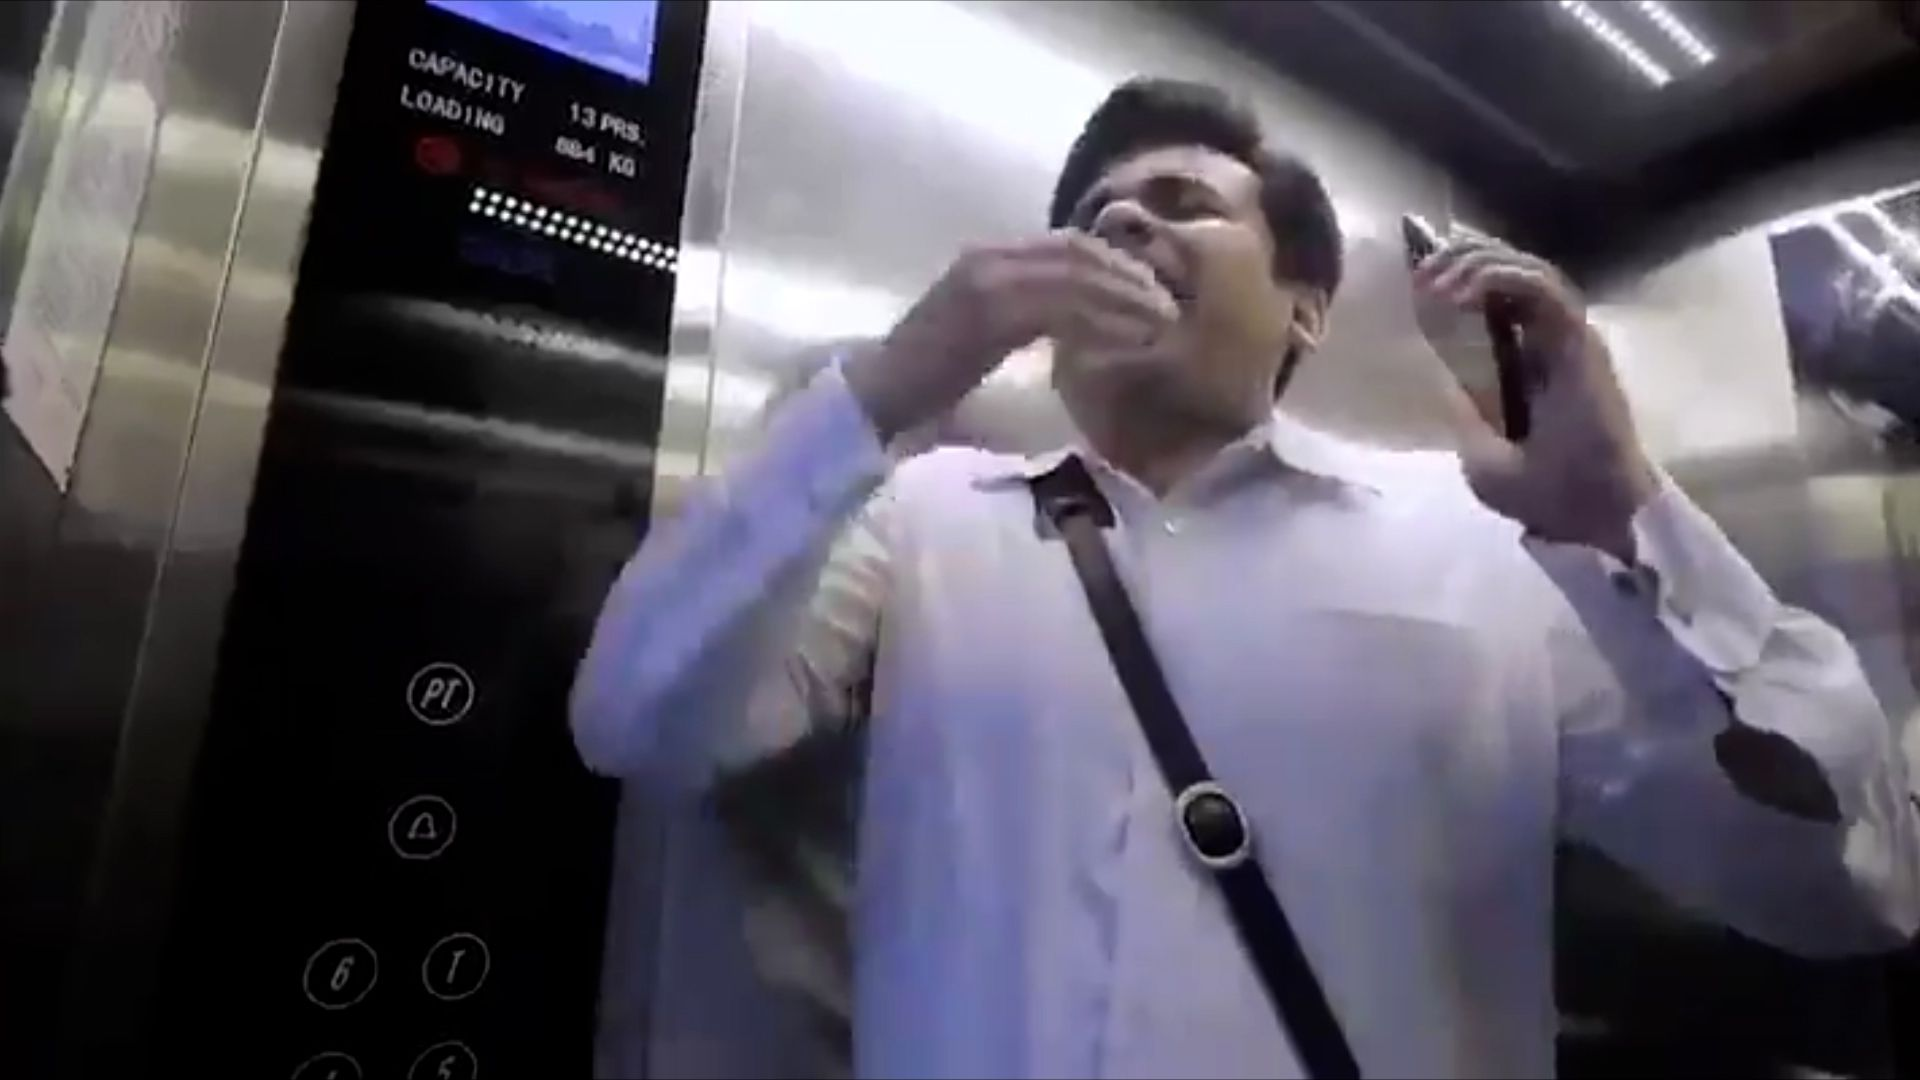 Los estornudos y la tos son una forma eficiente del virus para propagarse